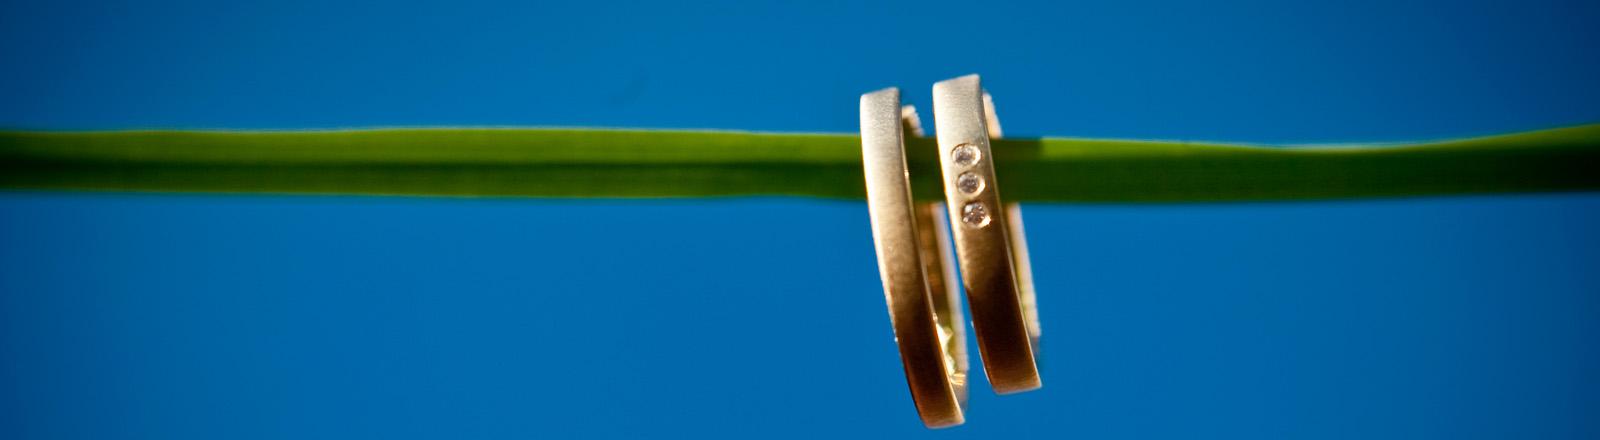 Zwei Goldringe hängen an einem Grashalm